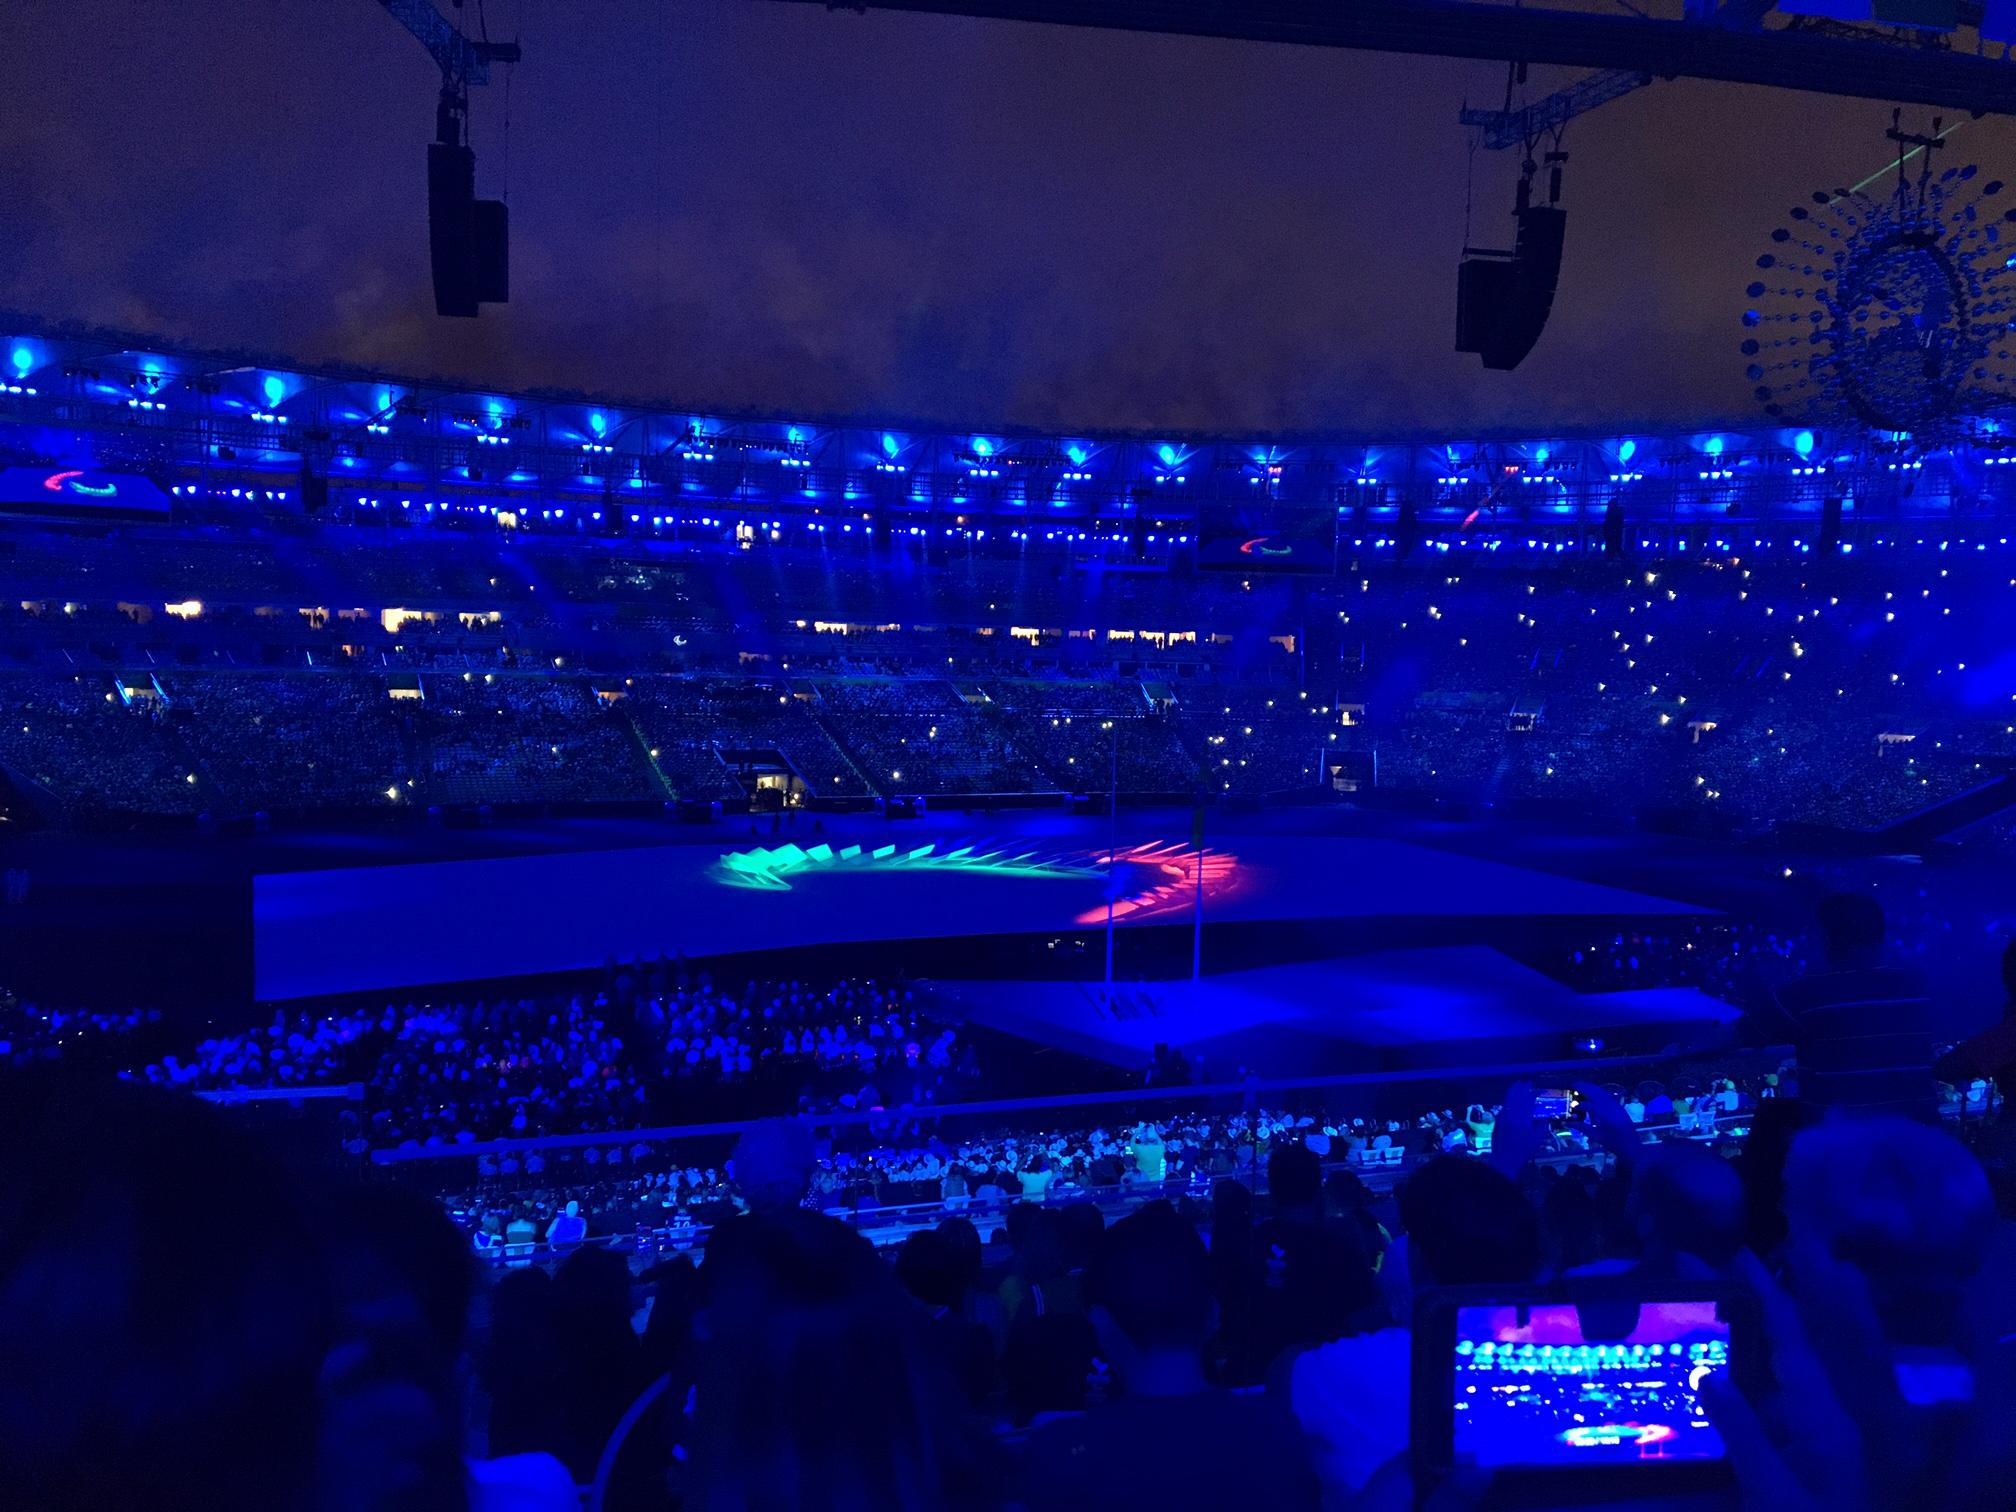 no estadio do maracana escuro, o simbolo dos jogos paralimpicos acesos nas cores verde, azul e vermelho.